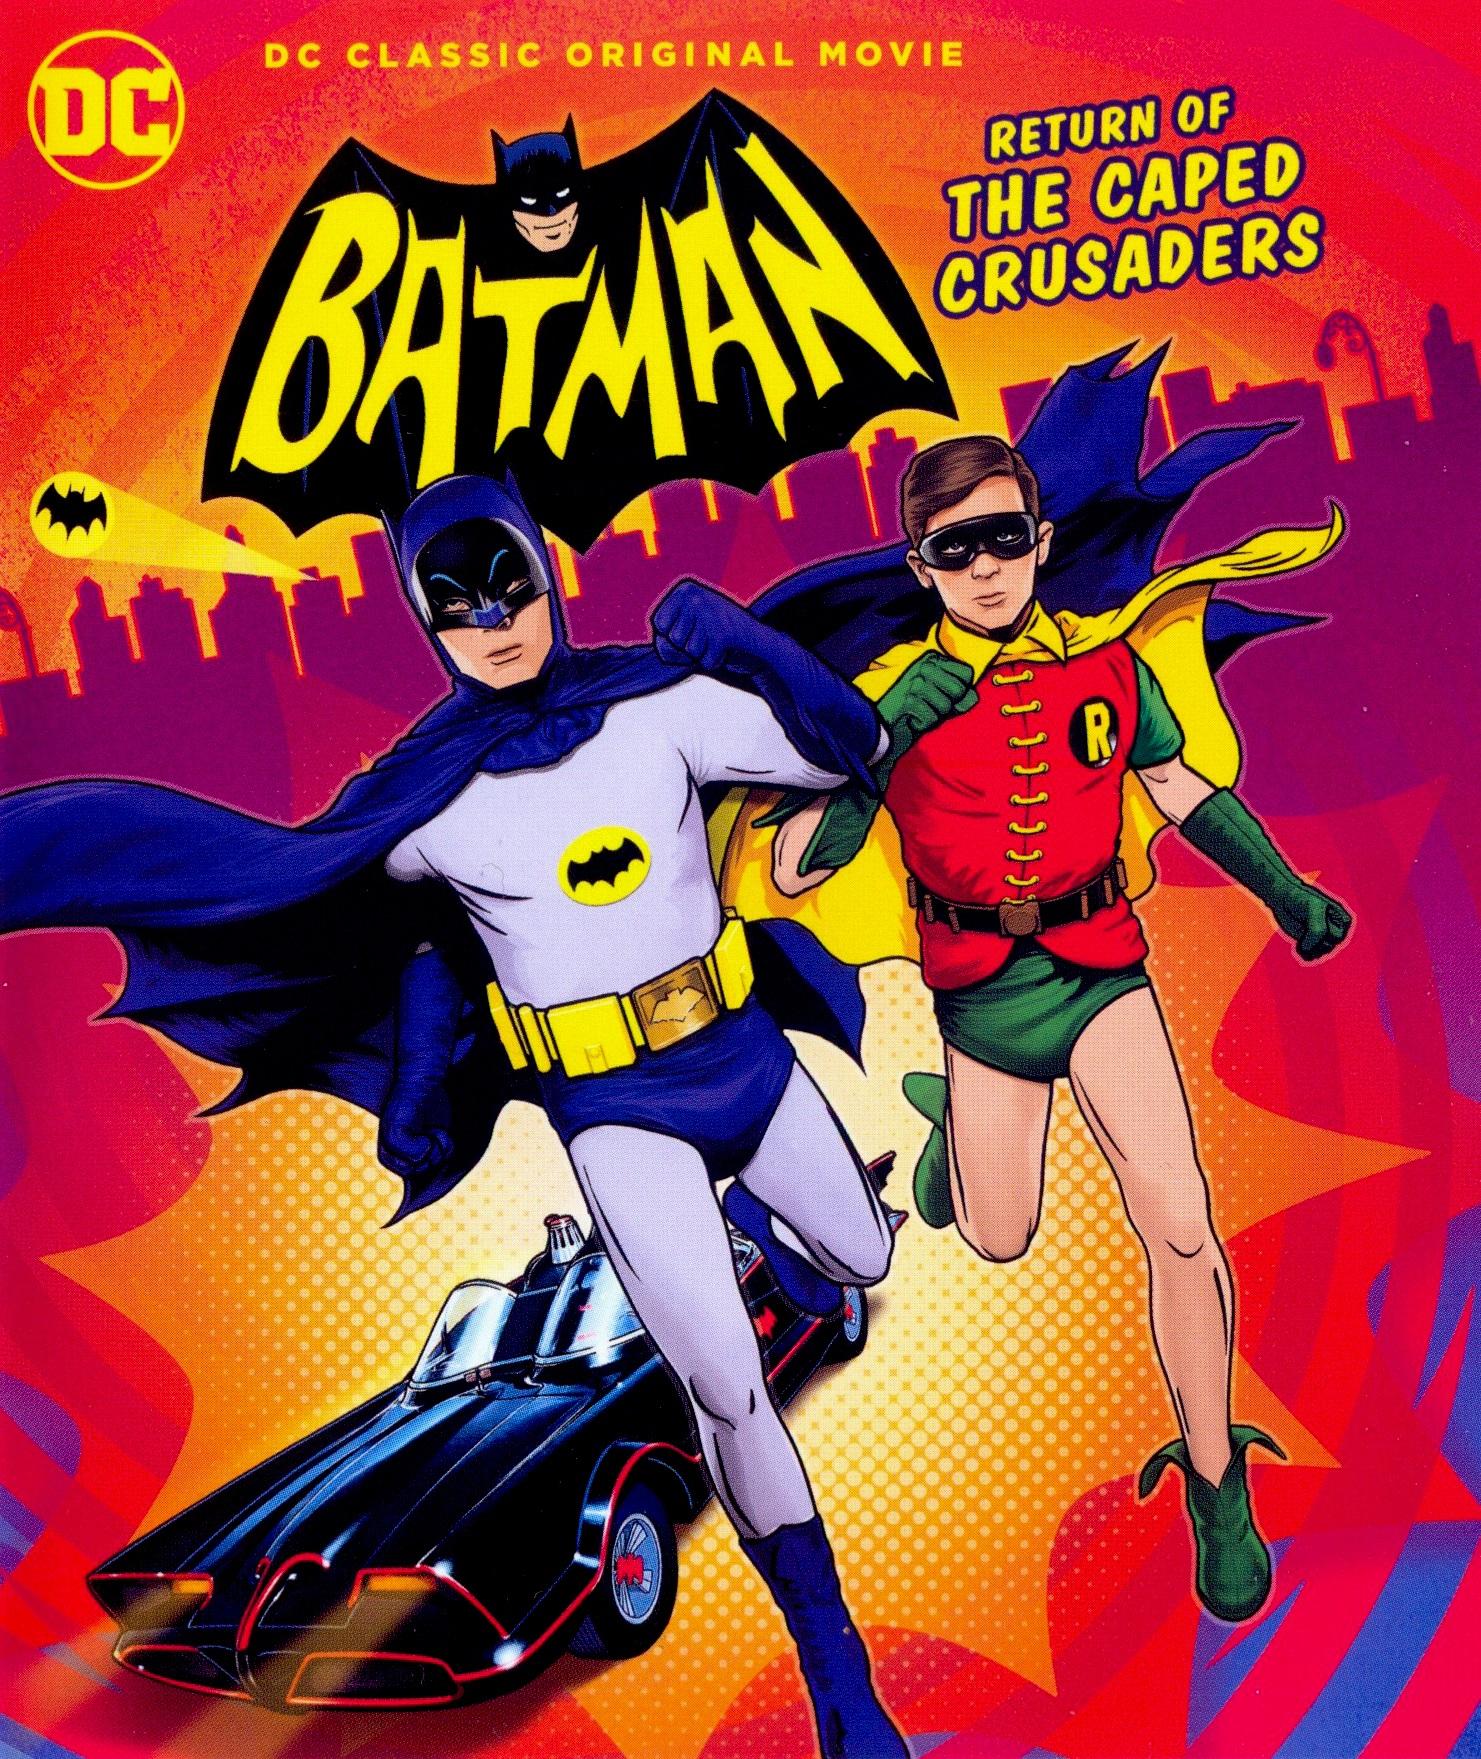 affiche du film Batman : Le retour des justiciers masqués